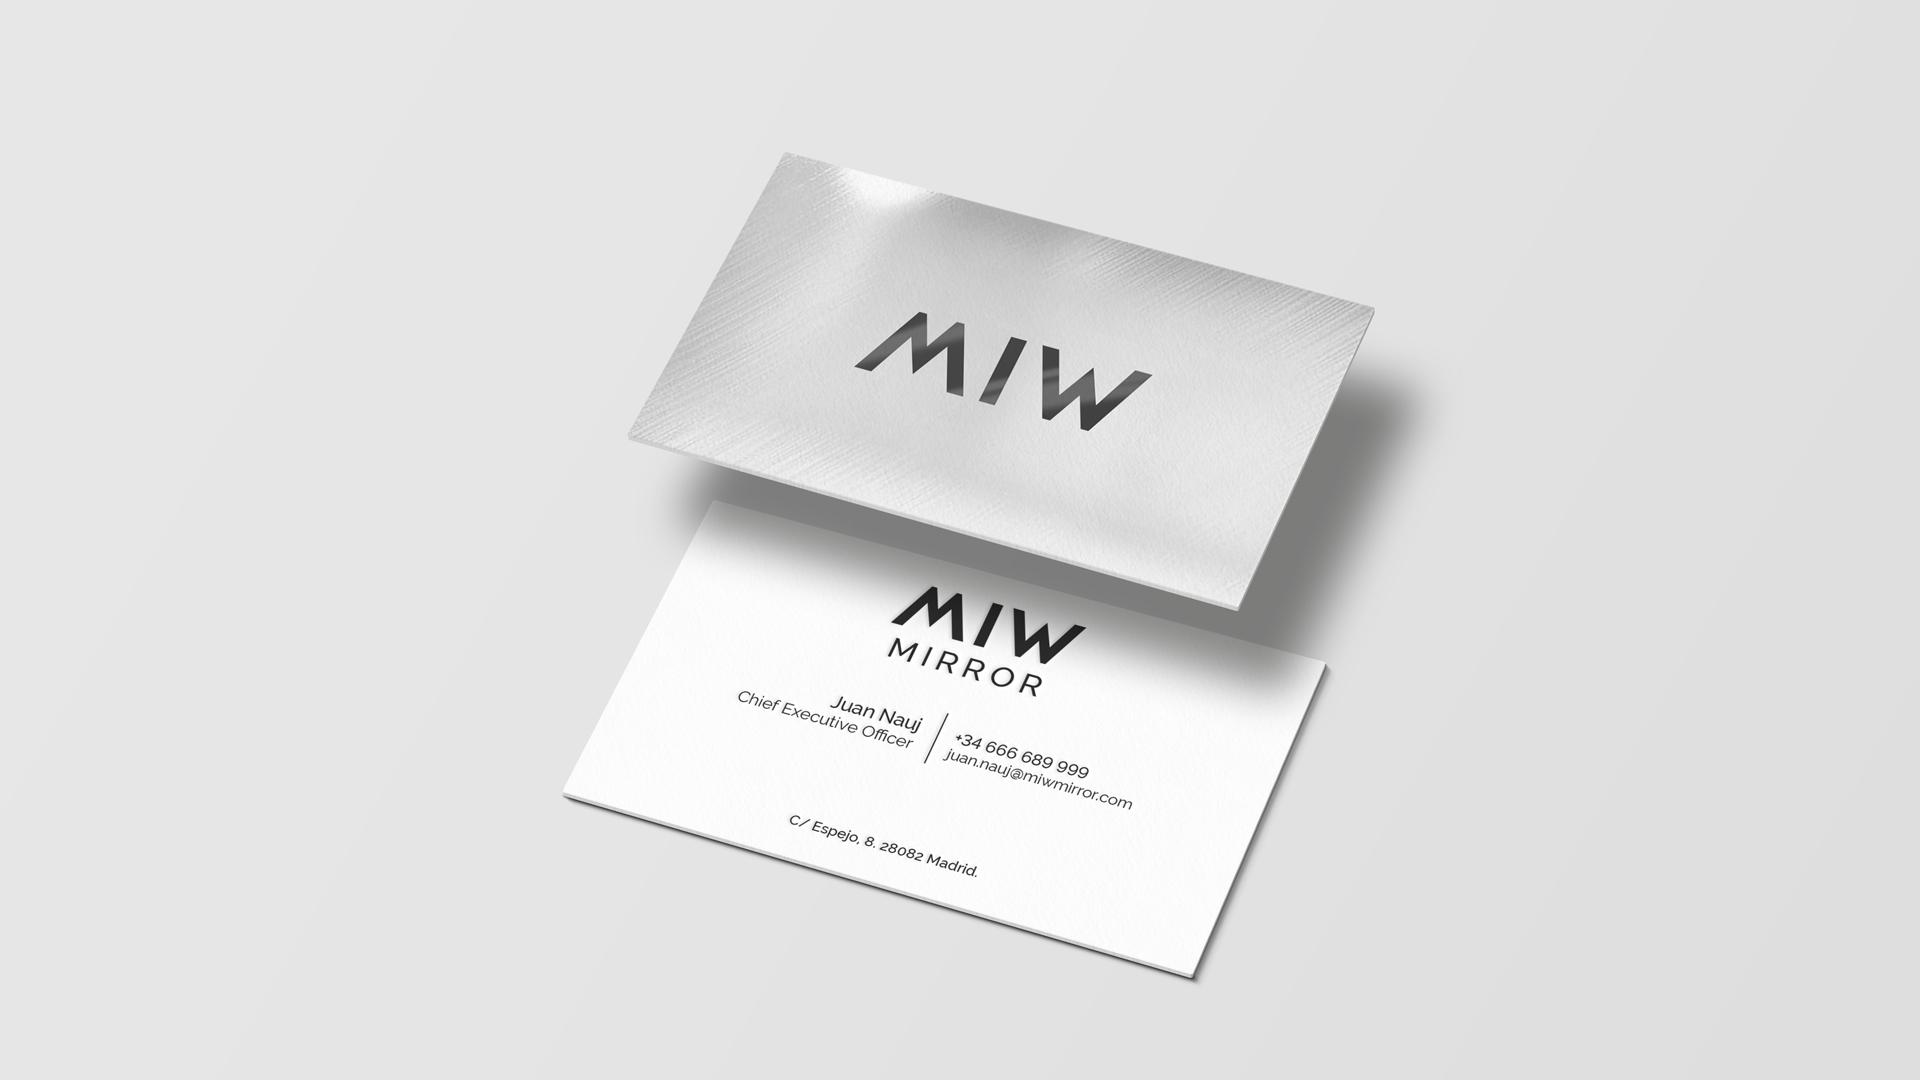 creacion-de-marca-branding-miw-tarjeta-de-visita-efecto-espejo-mirror